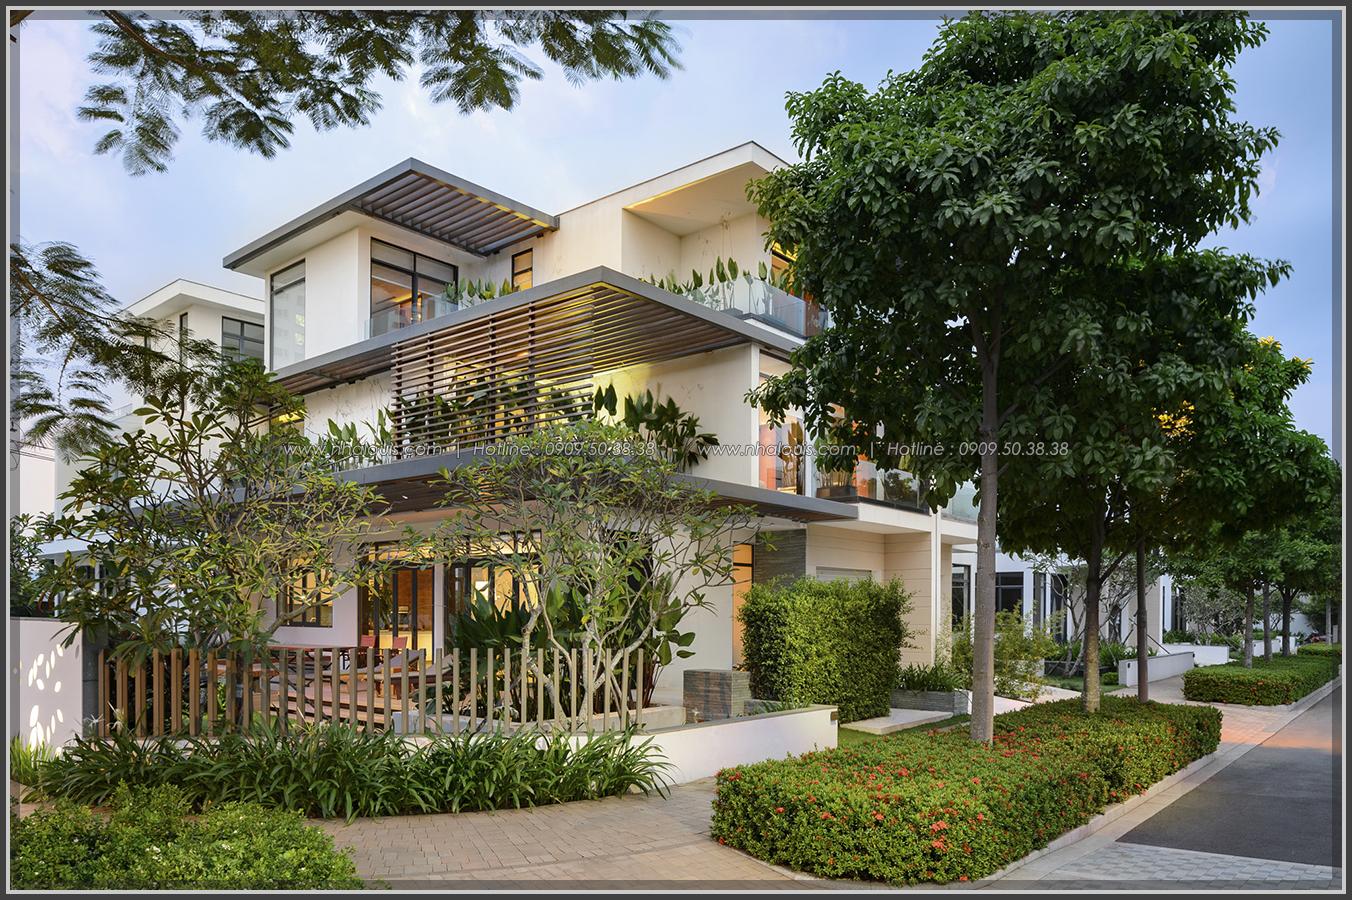 Thiết kế nội thất biệt thự Lucasta Villa tại quận 9 xứng tầm đẳng cấp